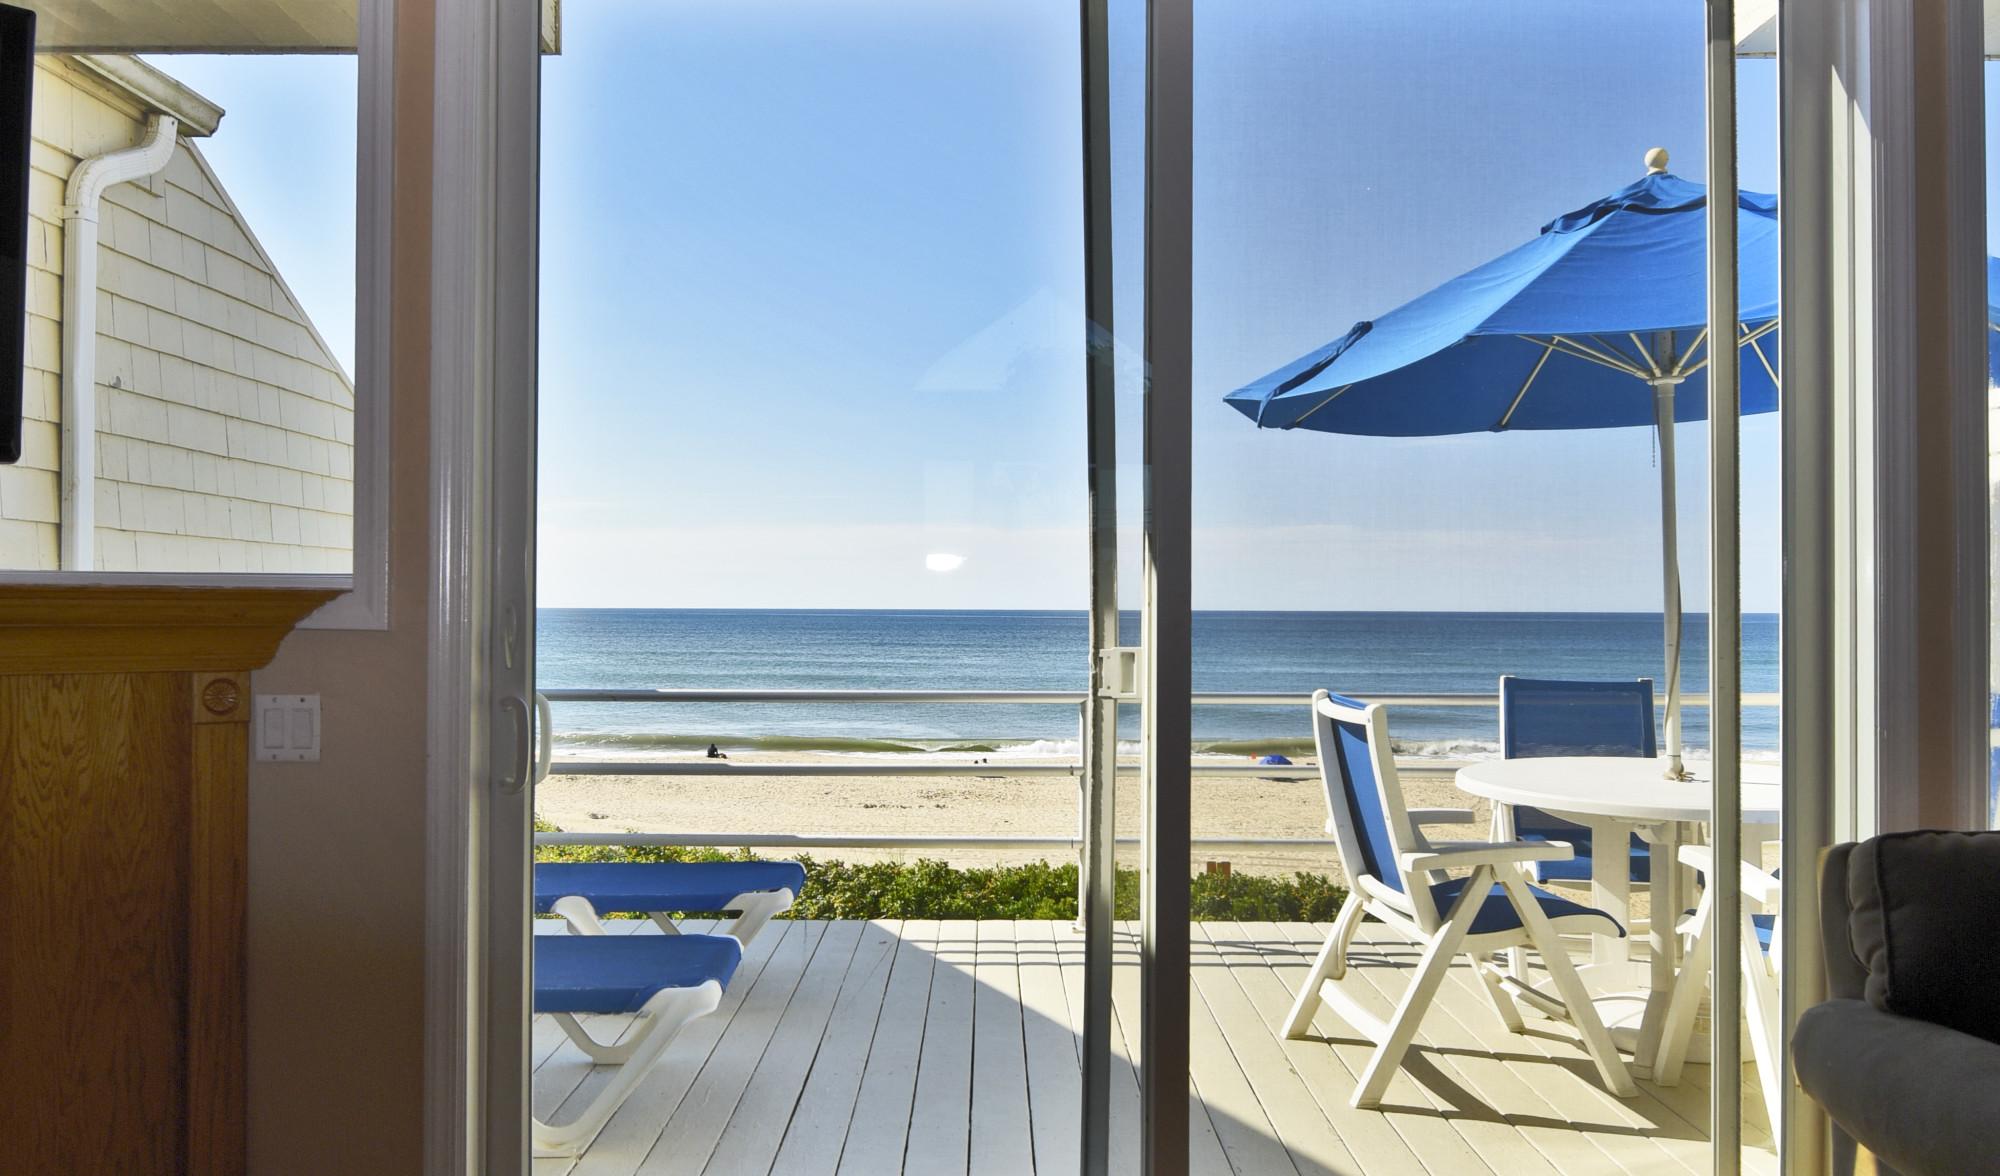 royal atlantic resortsroyal atlantic resorts montauk. Black Bedroom Furniture Sets. Home Design Ideas